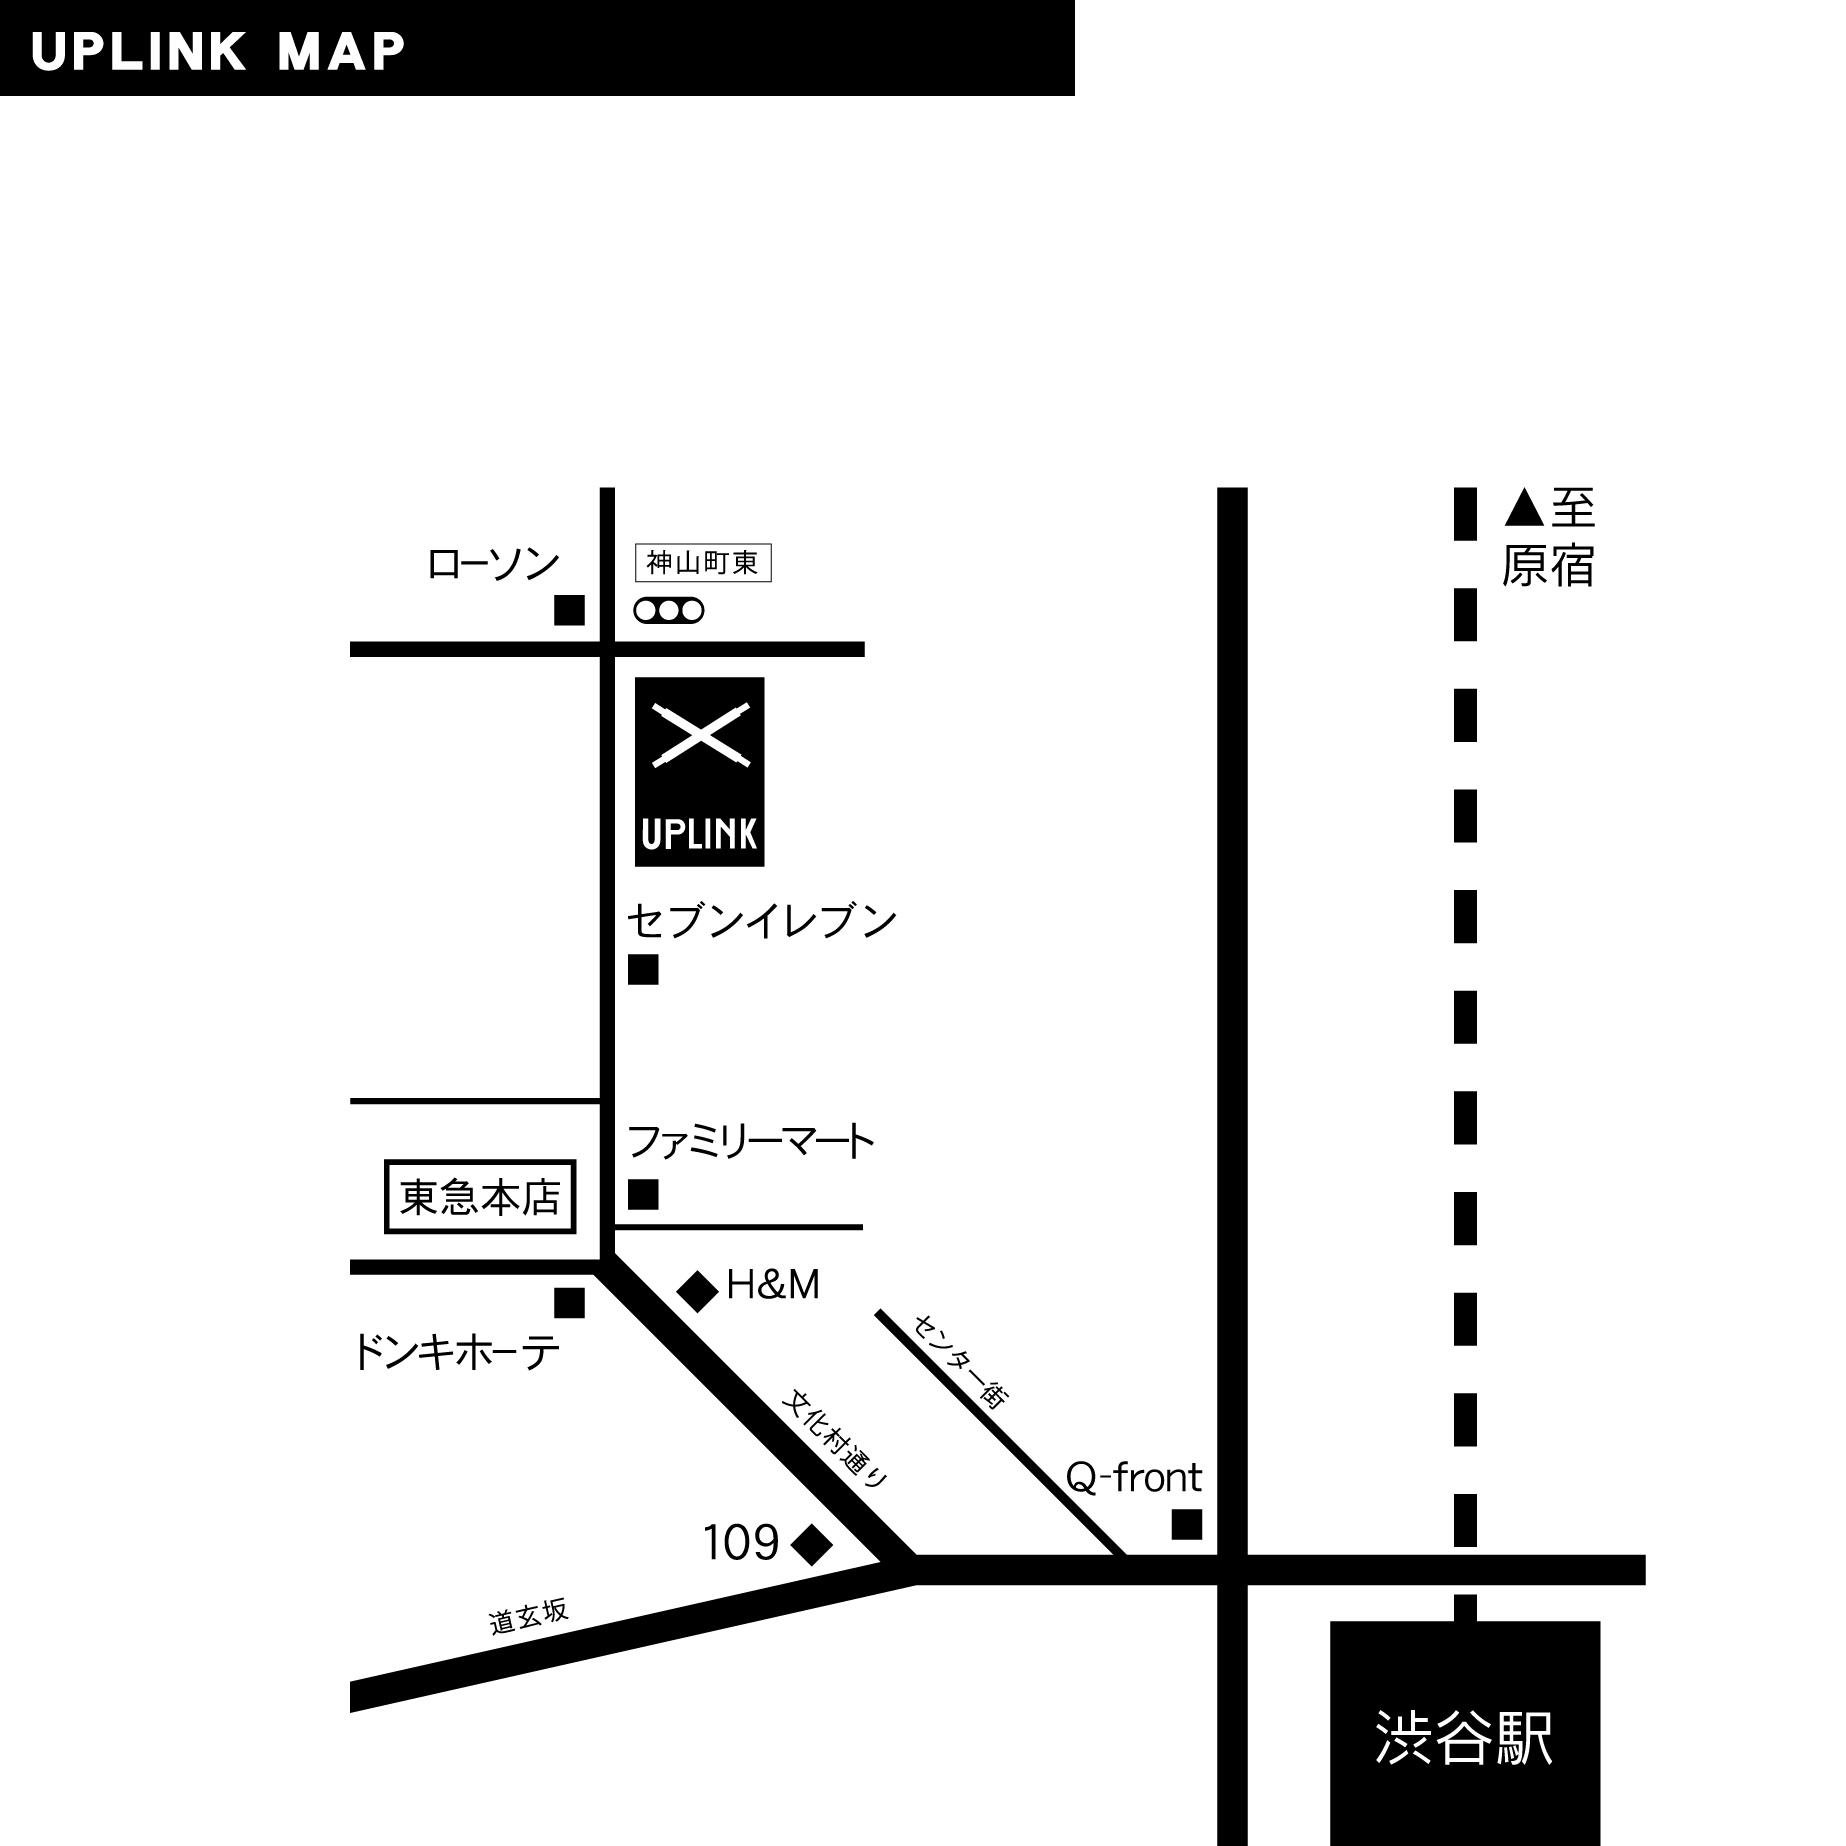 UPLINK_map_150127_ˆóü